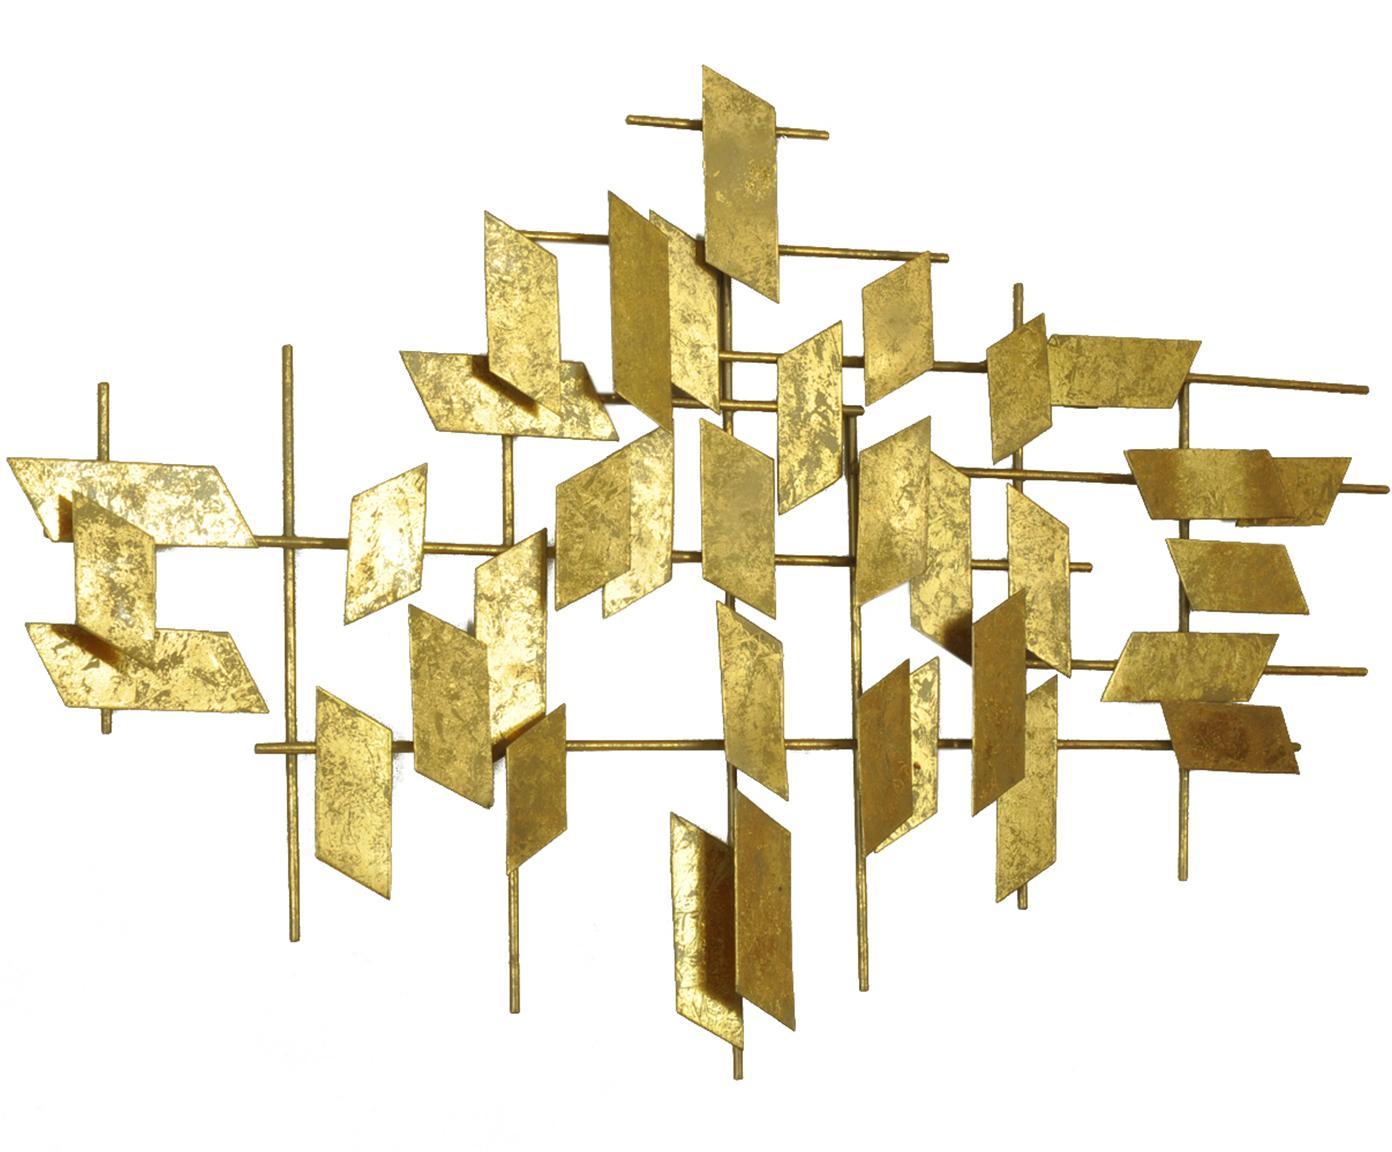 XL-wandobject Tara, Metaal, Goudkleurig, 95 x 60 cm